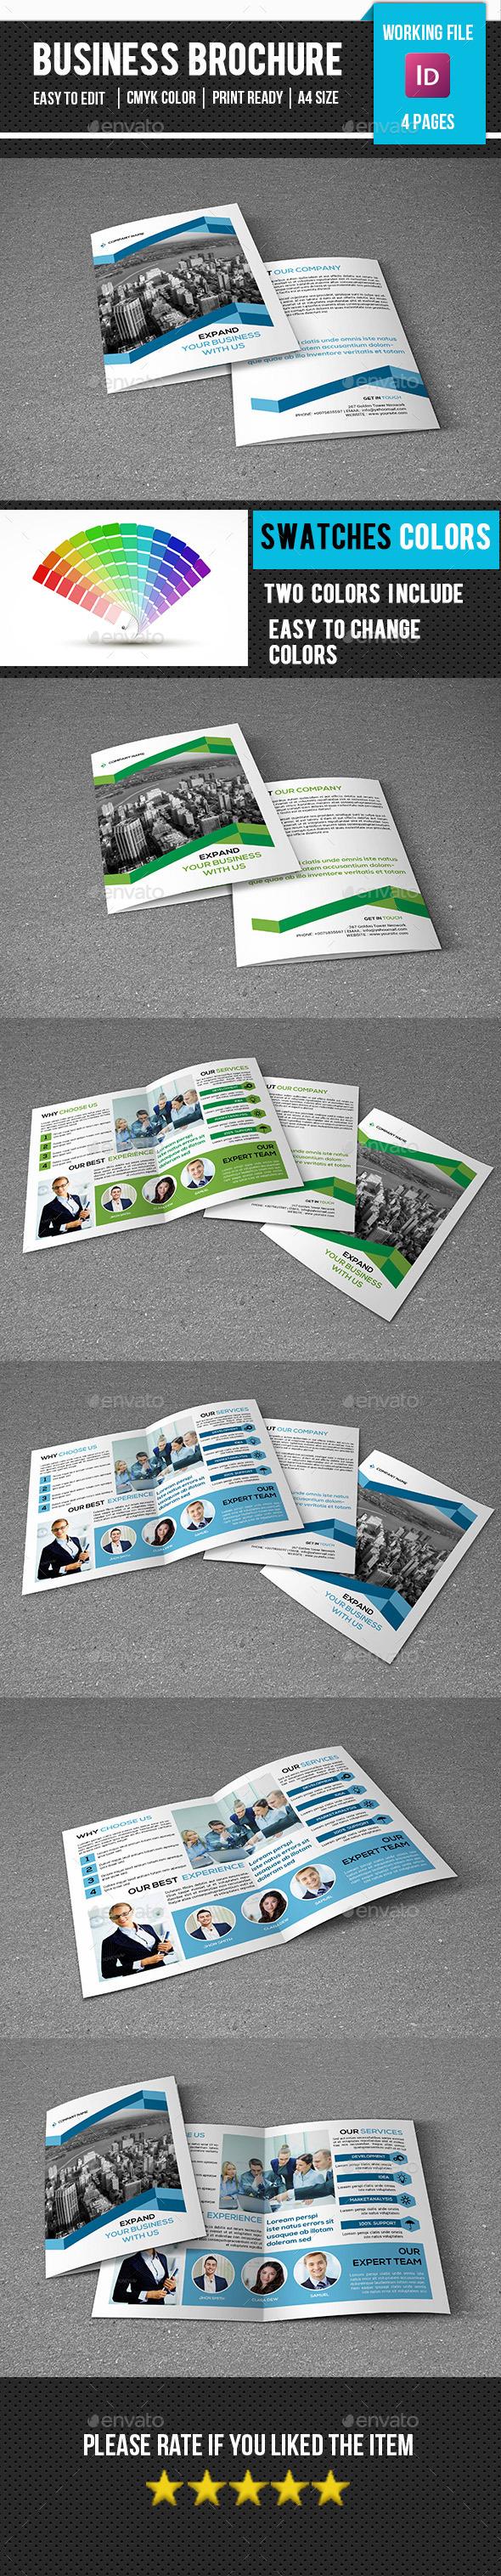 Corporate Bifold Brochure-V276 - Corporate Brochures